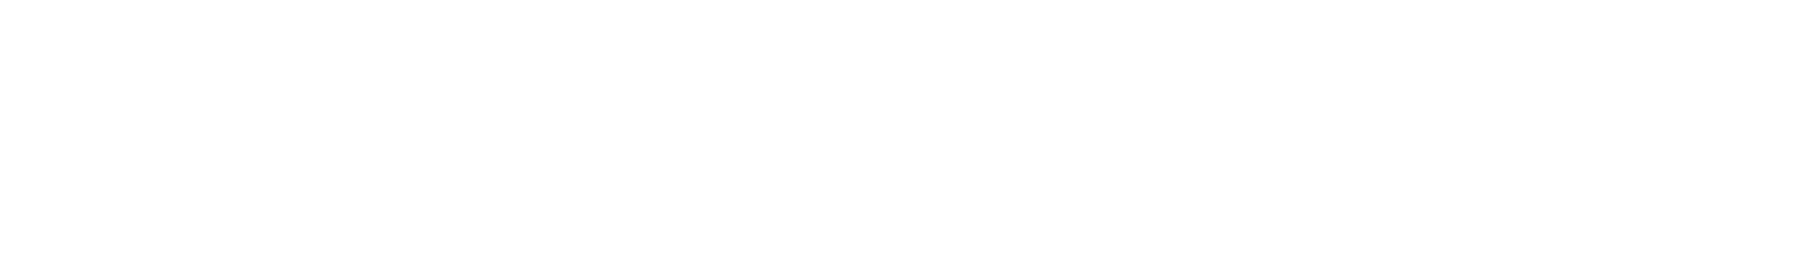 gia sound 19 f3